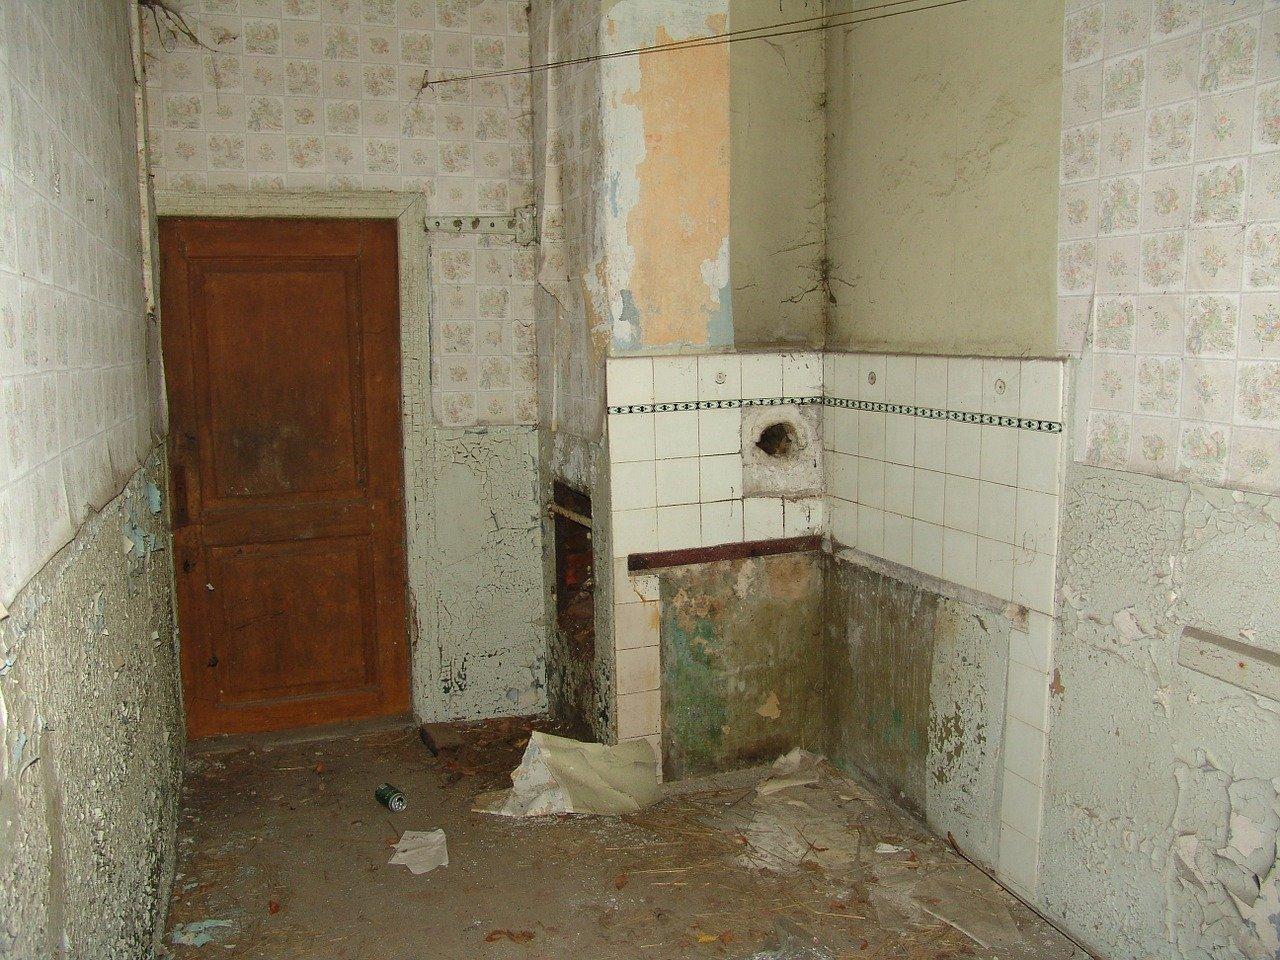 Rénovation de salle de bains : que faire des déchets du chantier ?